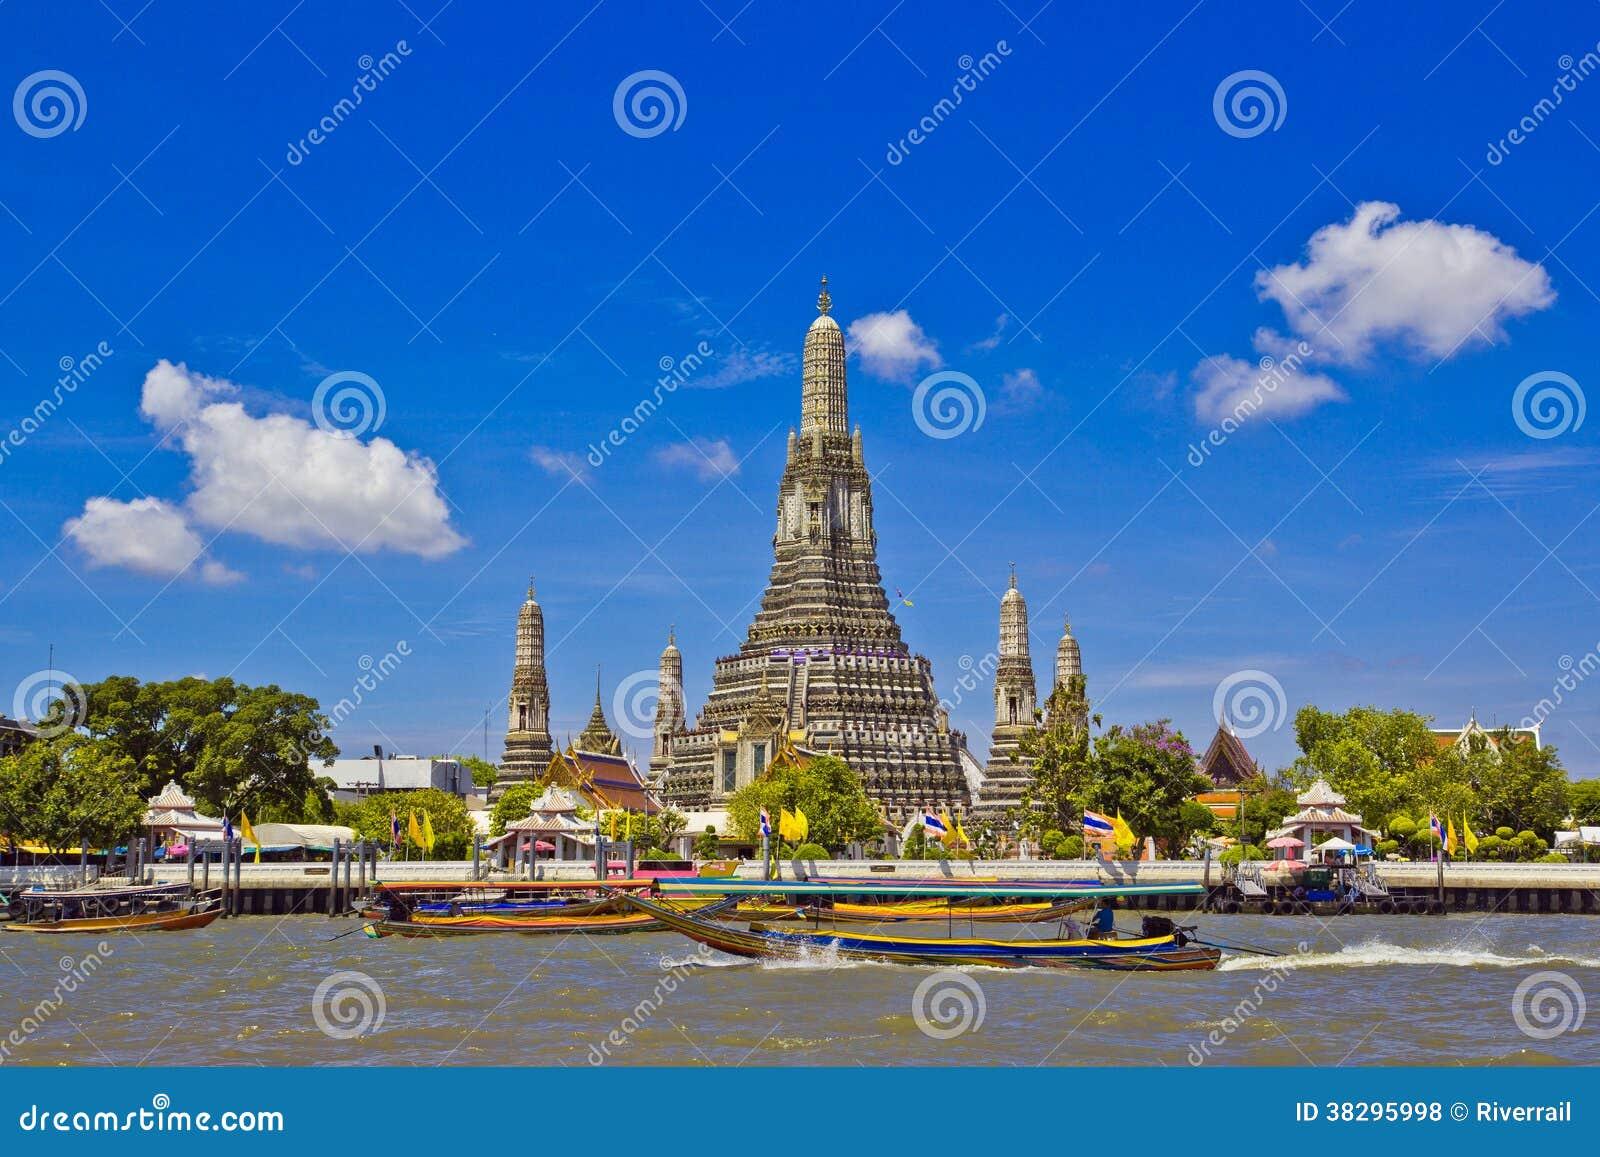 Wat Arun and cloudscape